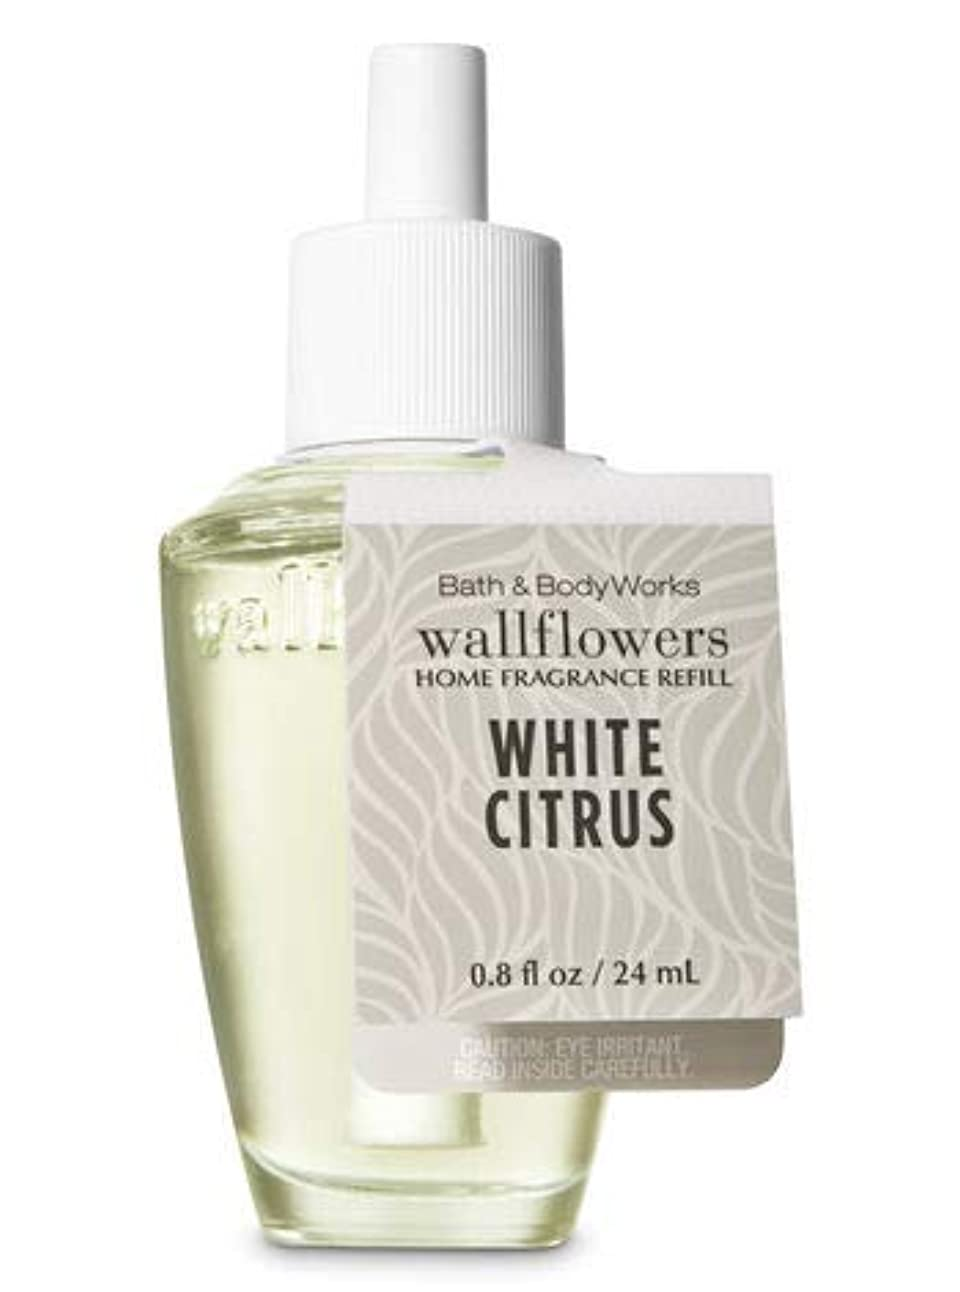 解釈的幽霊チャート【Bath&Body Works/バス&ボディワークス】 ルームフレグランス 詰替えリフィル ホワイトシトラス Wallflowers Home Fragrance Refill White Citrus [並行輸入品]